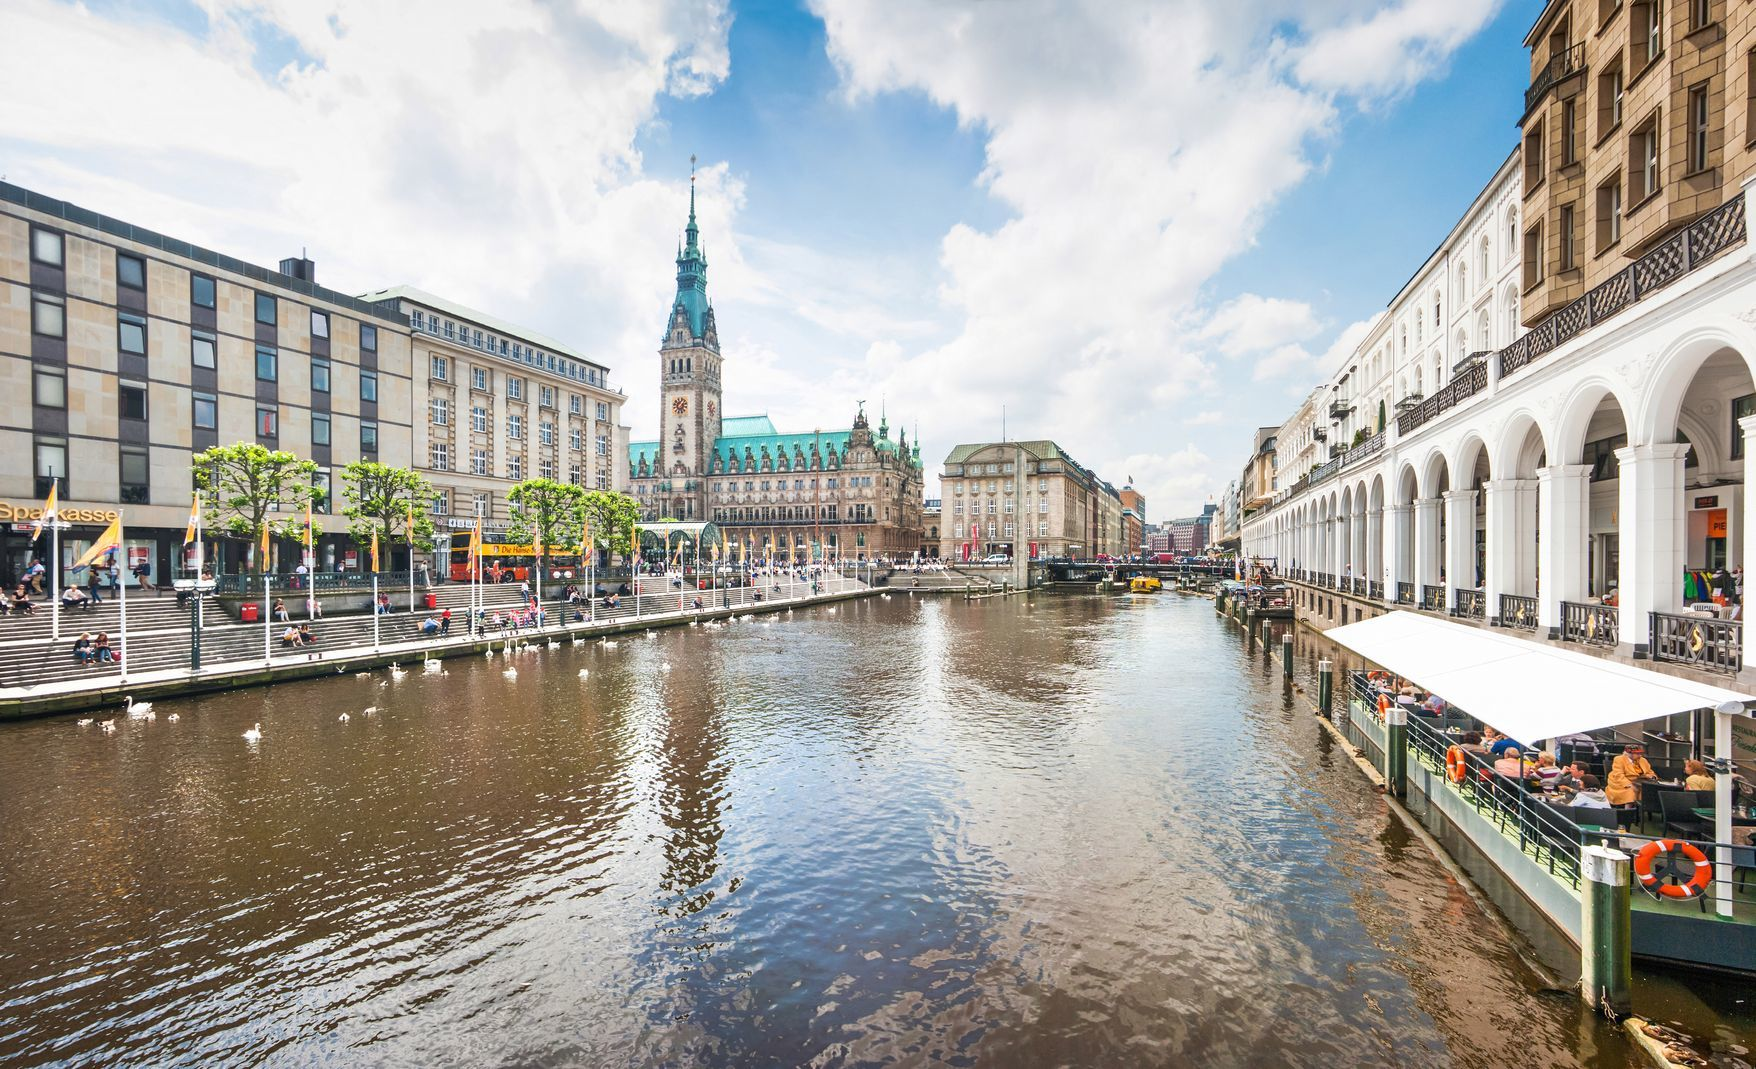 Centrum města Hamburk | jakobradlgruber/123RF.com